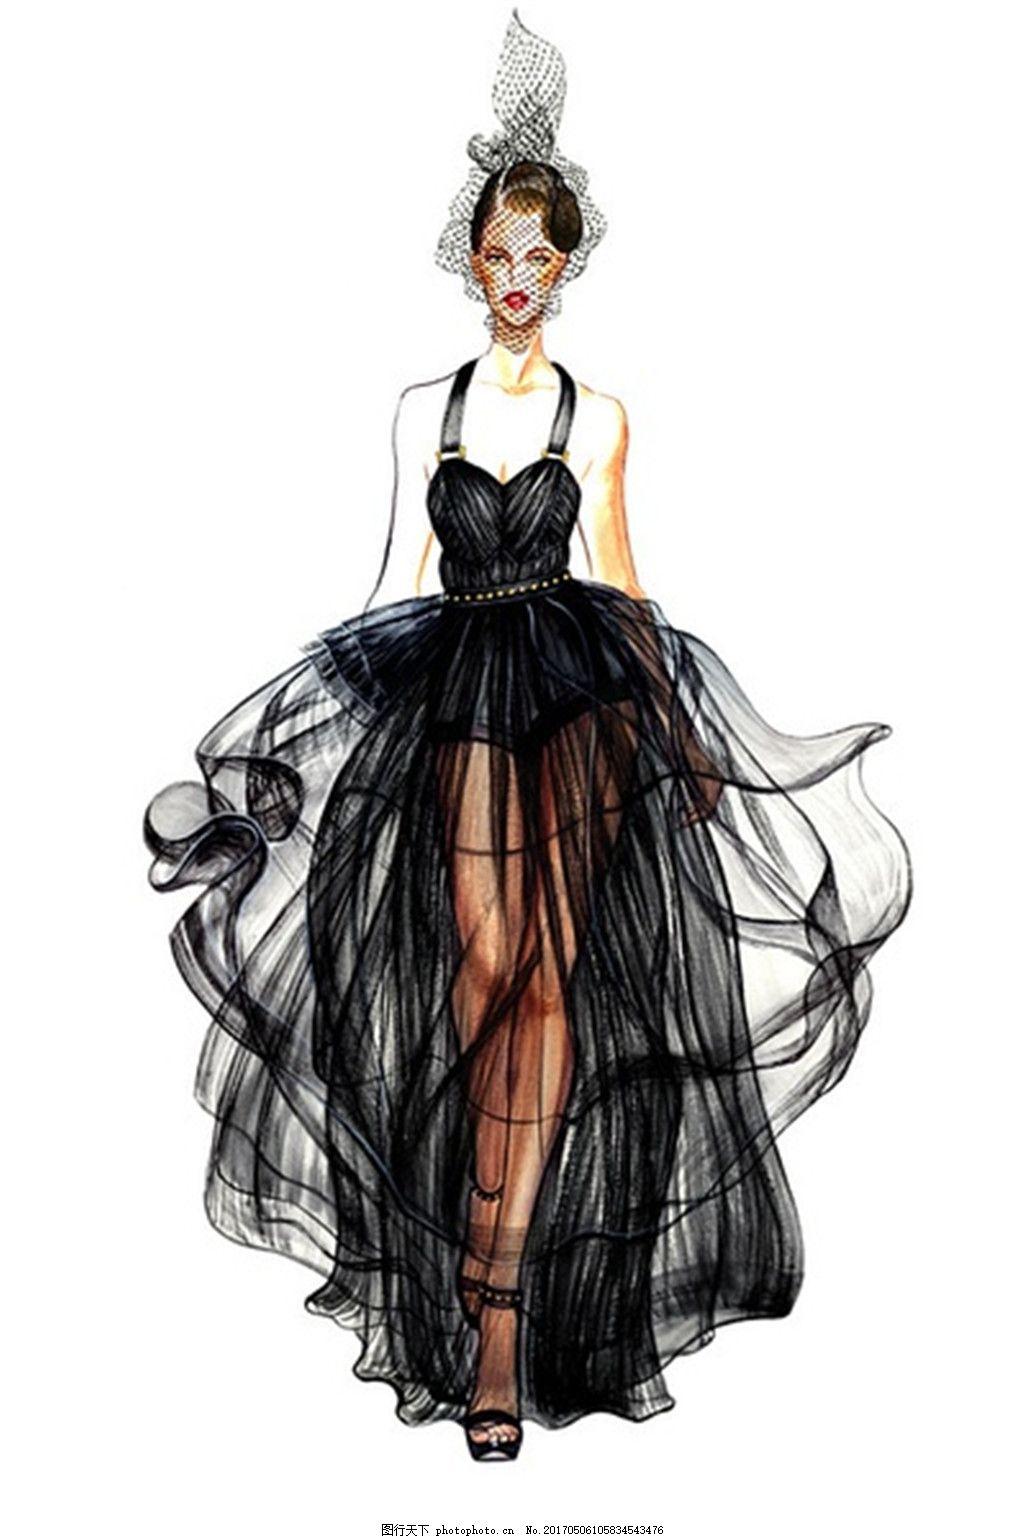 服装图片免费下载 女装设计 服装效果图 连衣裙 长裙 婚纱 礼服 手绘